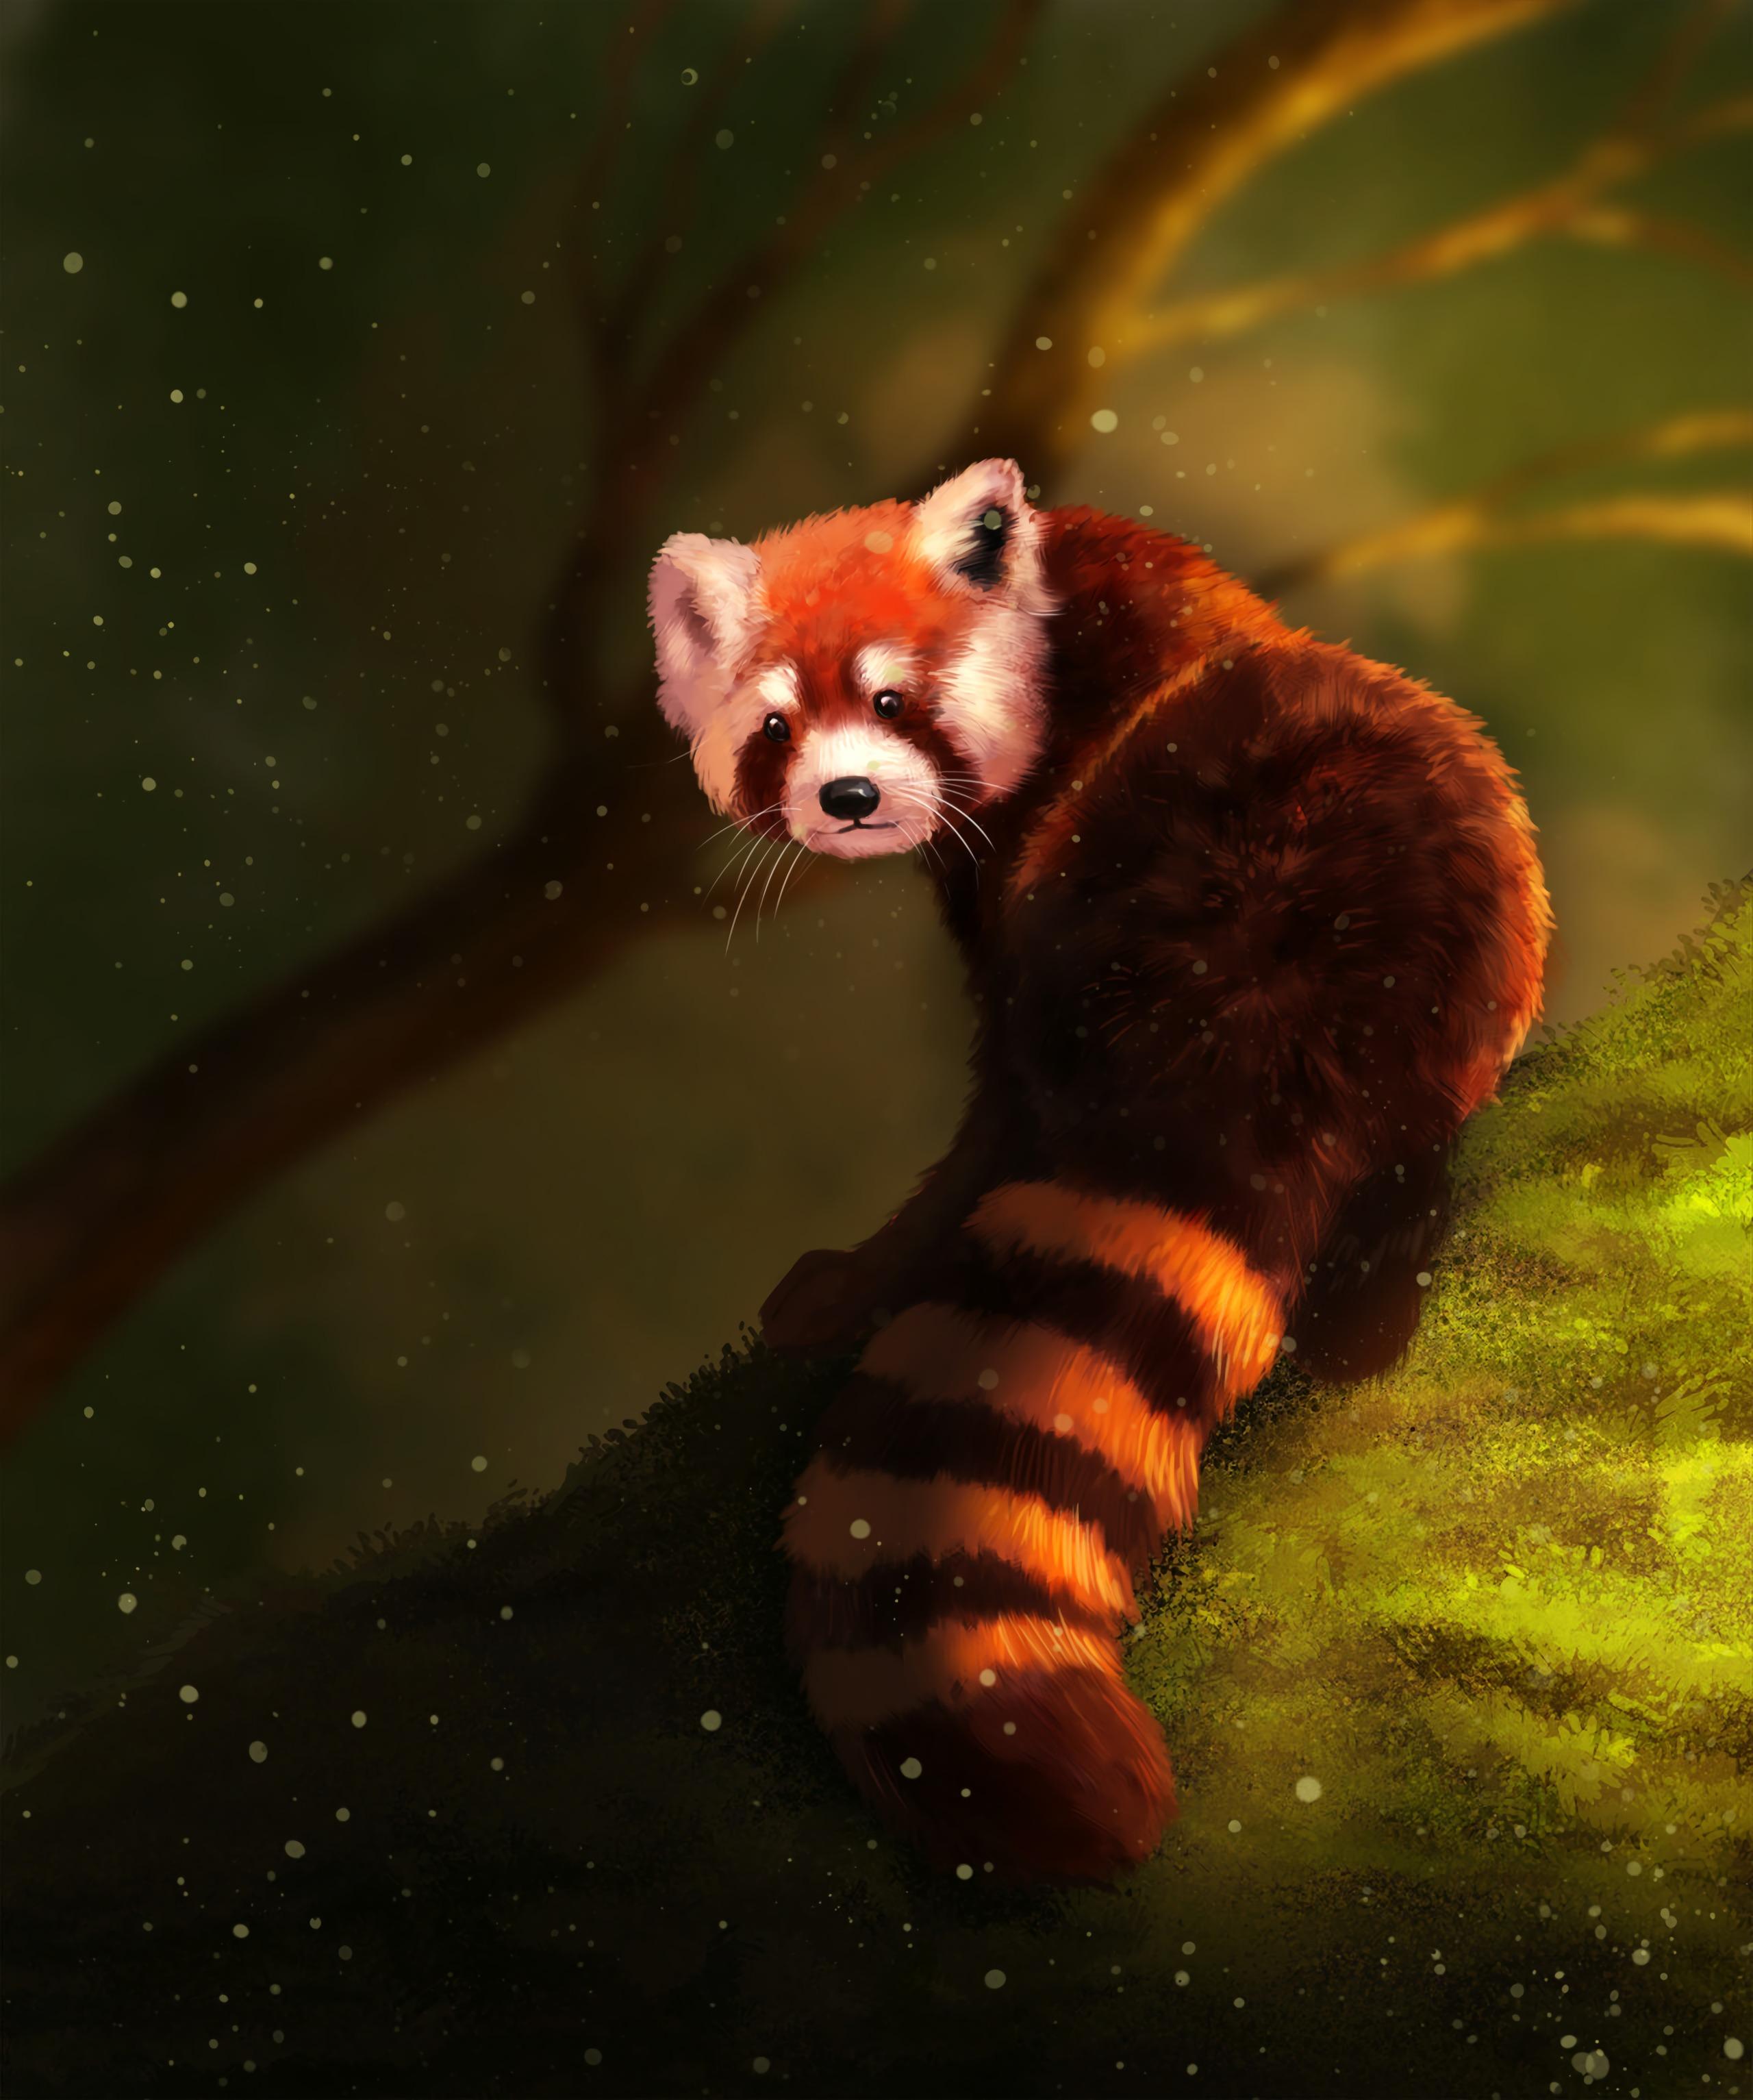 114548 Hintergrundbild herunterladen Tier, Kunst, Flauschige, Braun, Kleiner Panda - Bildschirmschoner und Bilder kostenlos